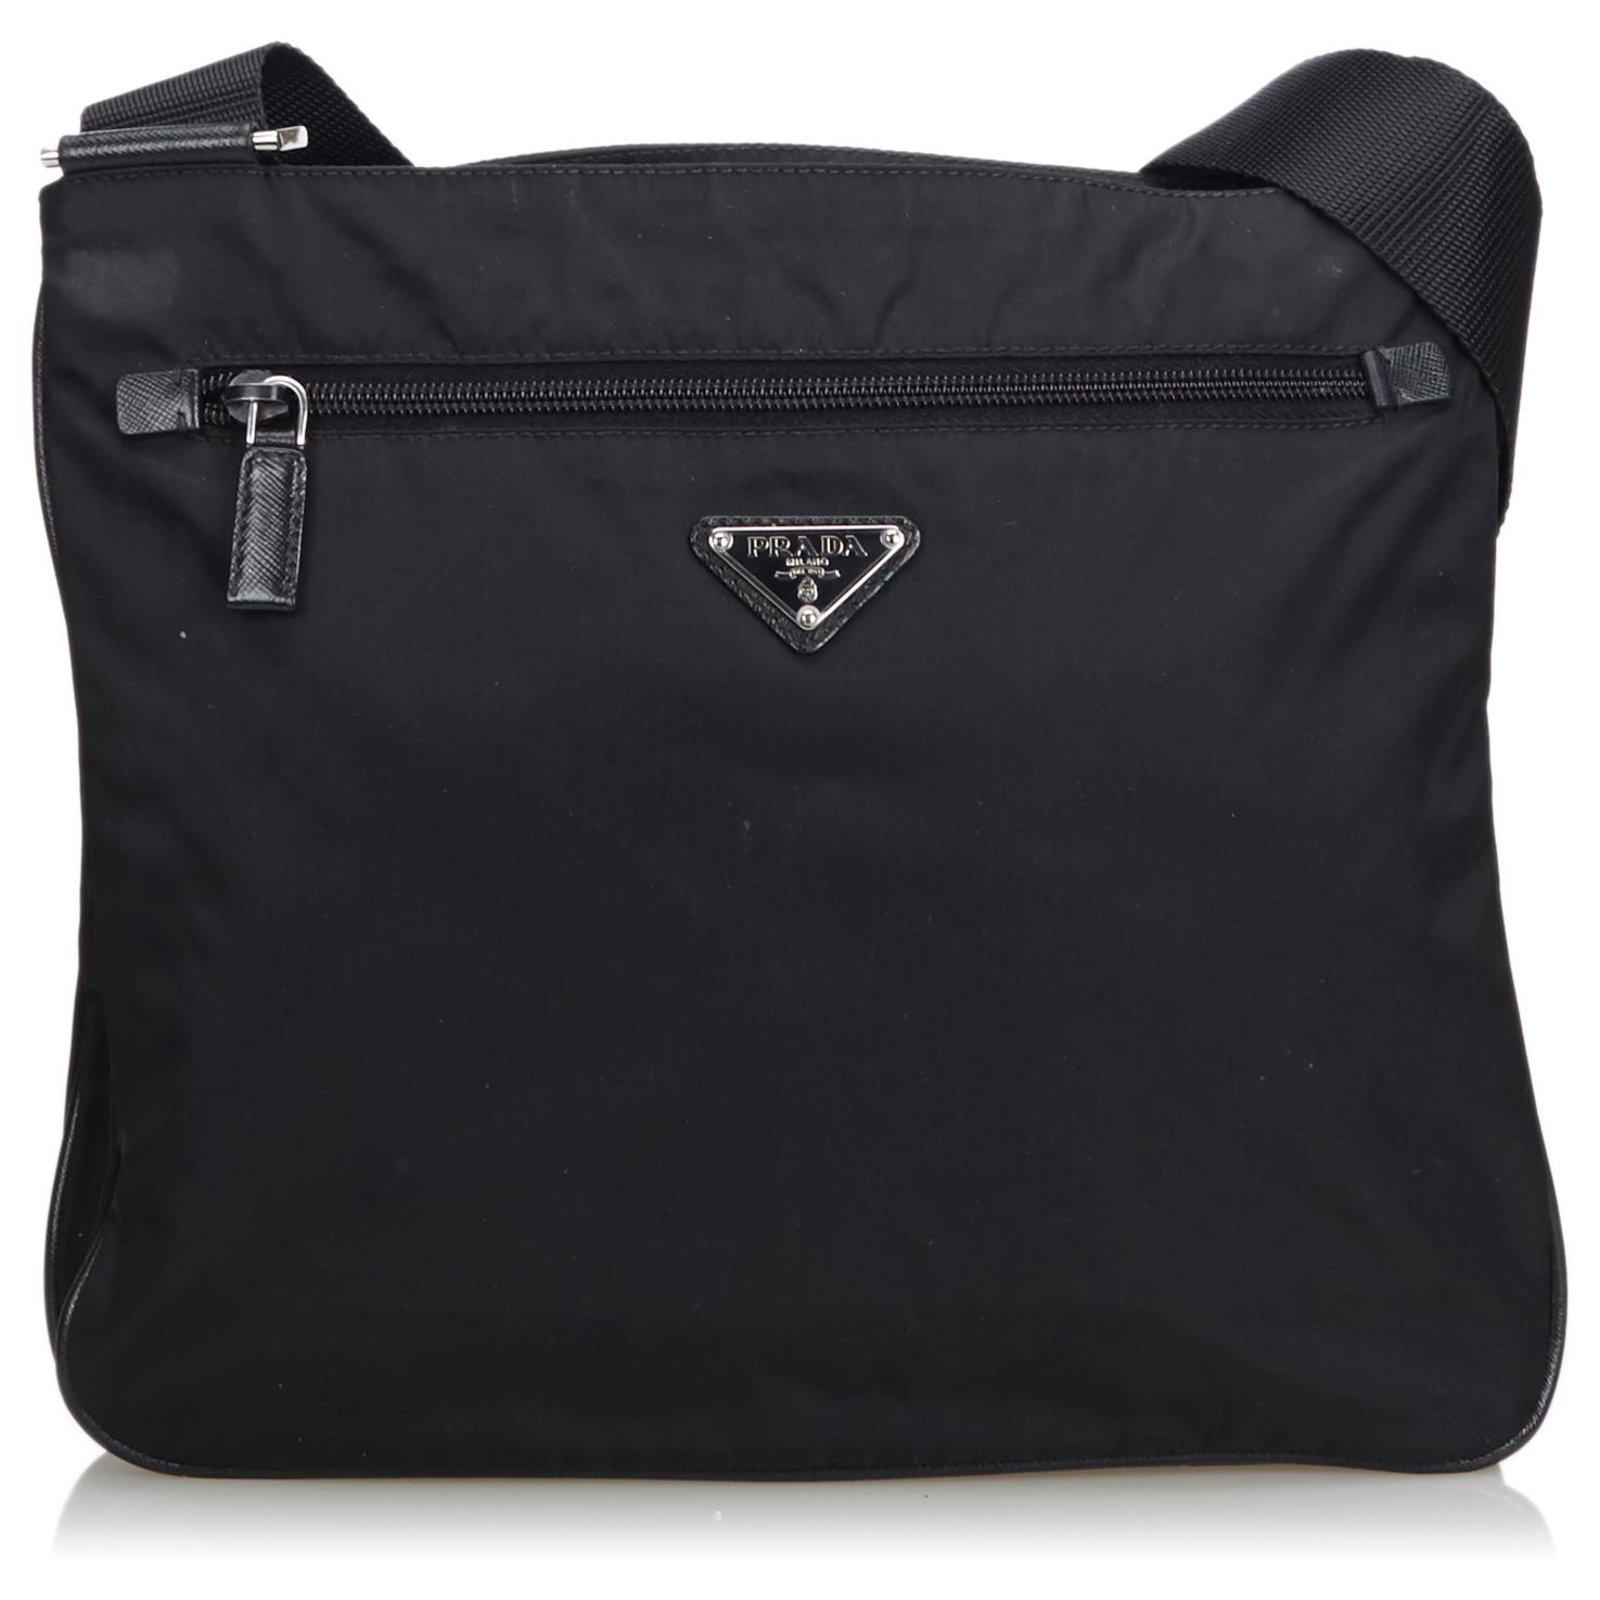 0032b171bab92 Prada Nylon Crossbody Bag Handbags Nylon